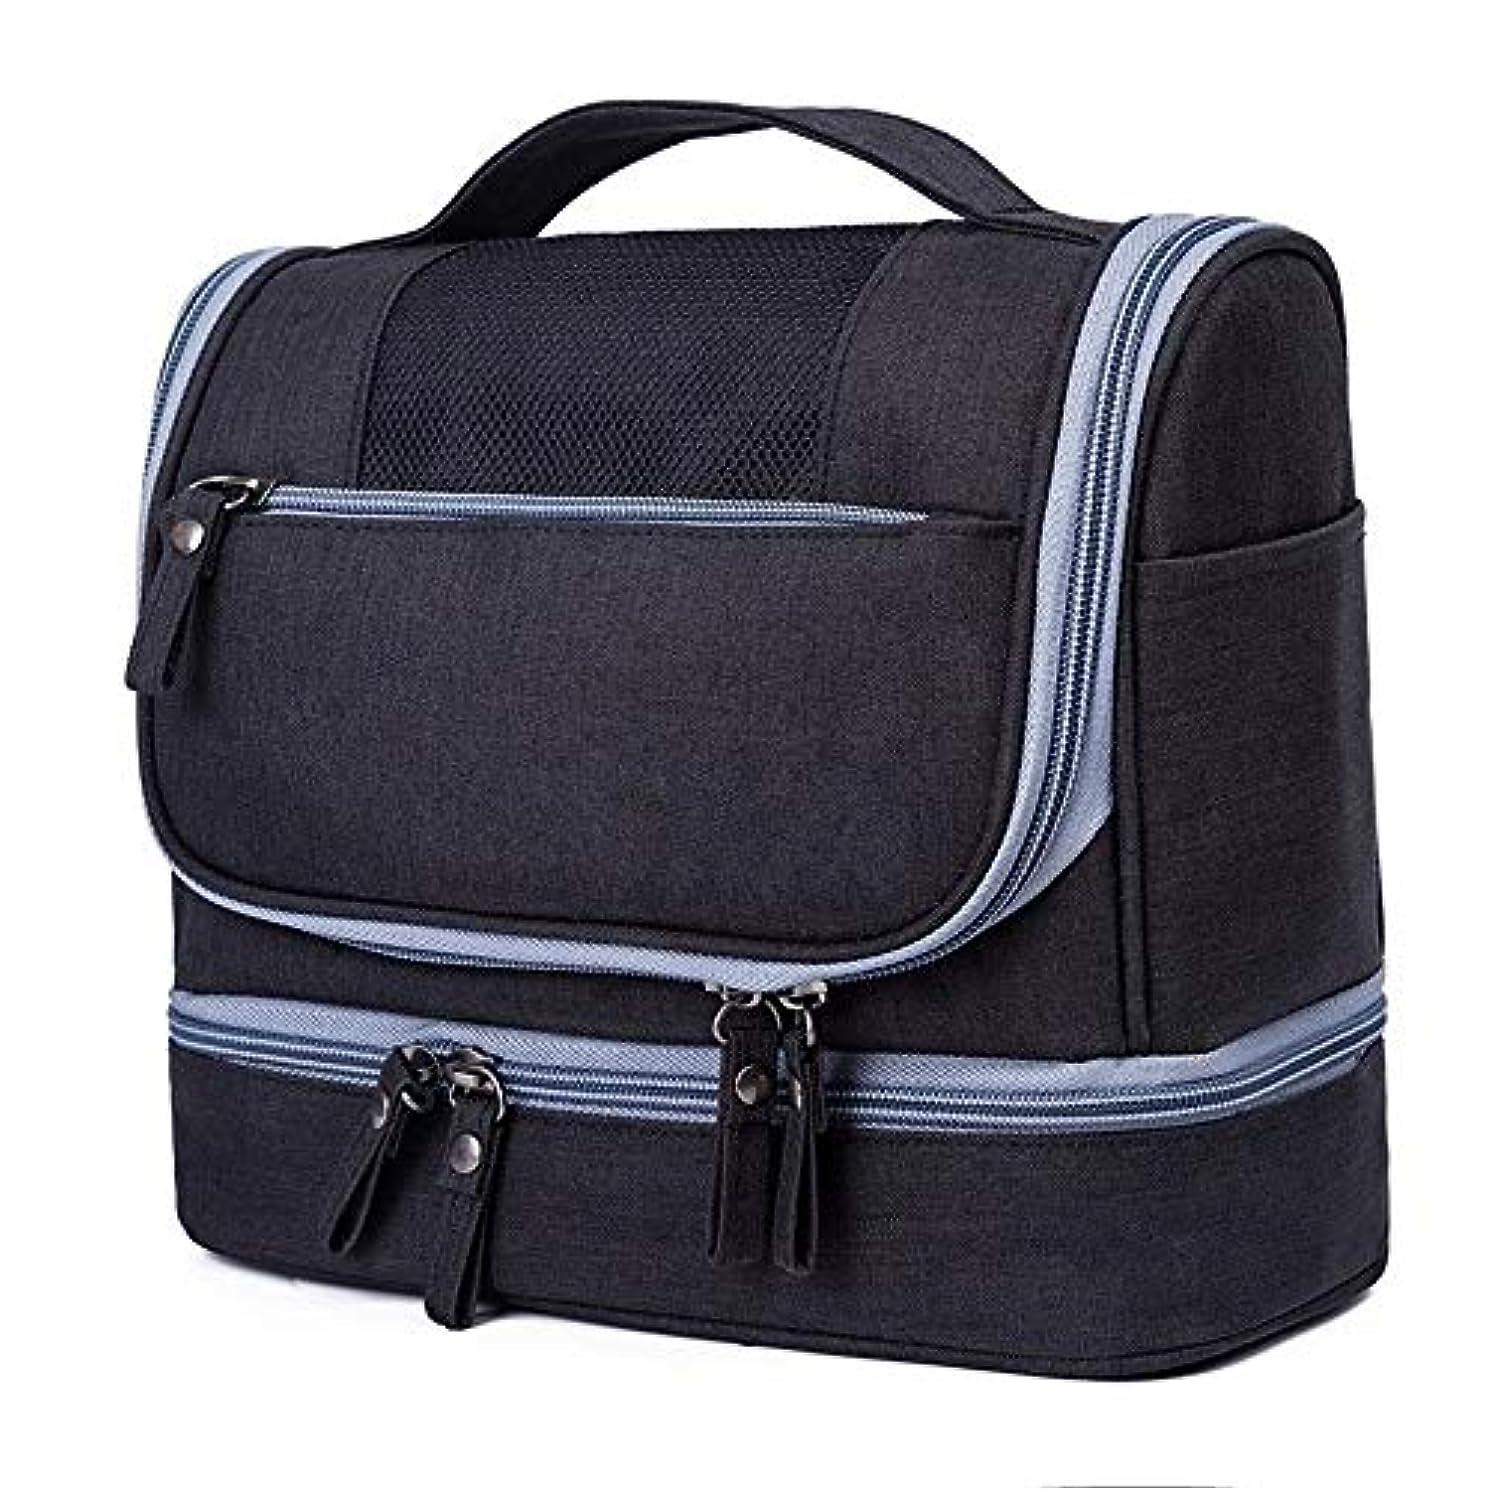 ニックネーム苗私たち自身防水二層旅行化粧品セット男性と女性のポータブル化粧品袋の美しさバッグ収納ボックスキャリングケース (Color : Black)